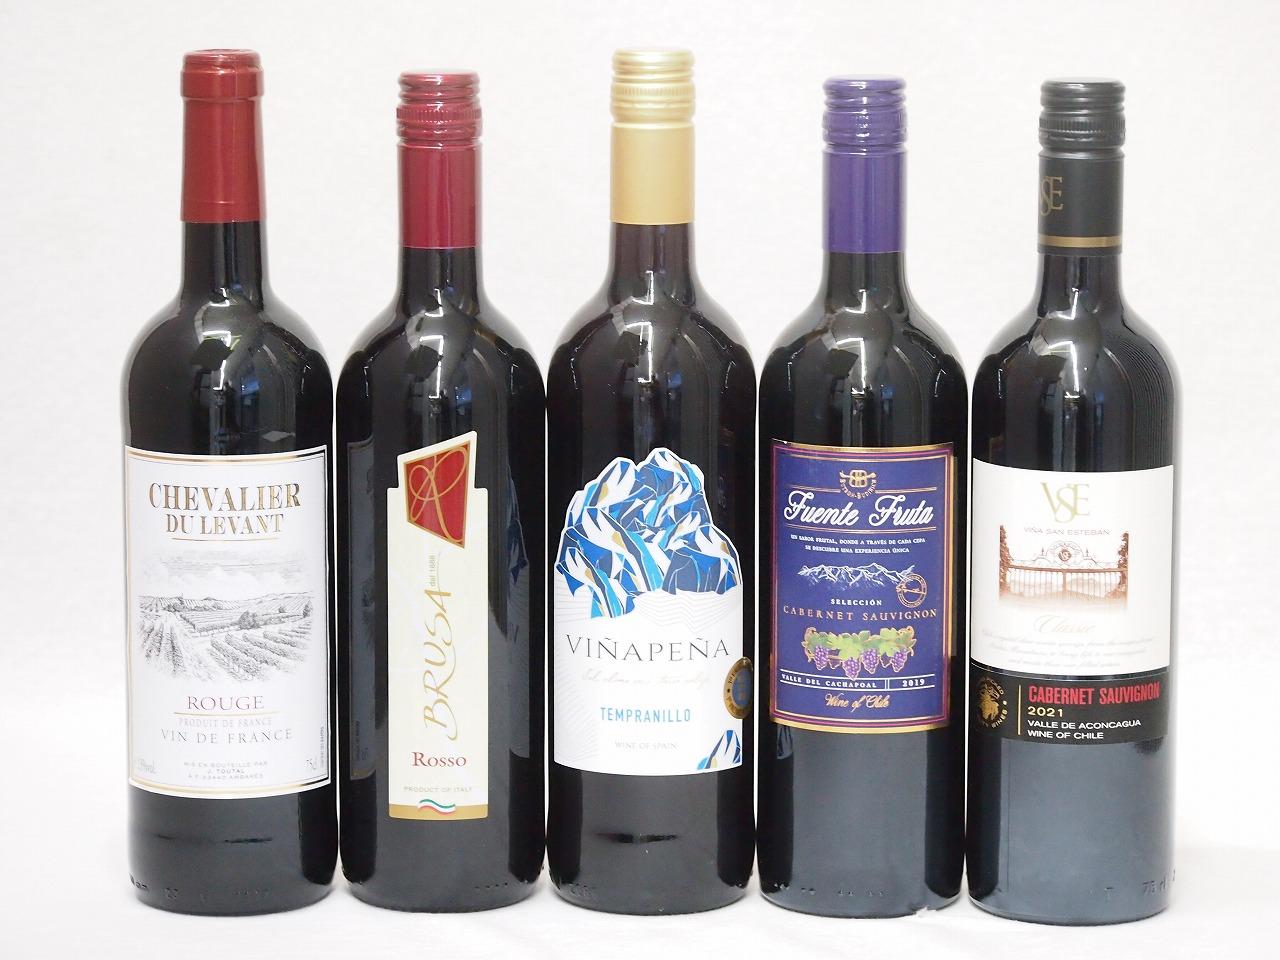 ワインセット 赤ワイン 5本( スペインワイン 1本 フランスワイン 1本 イタリアワイン 1本 チリワイン 2本)計750ml×5本